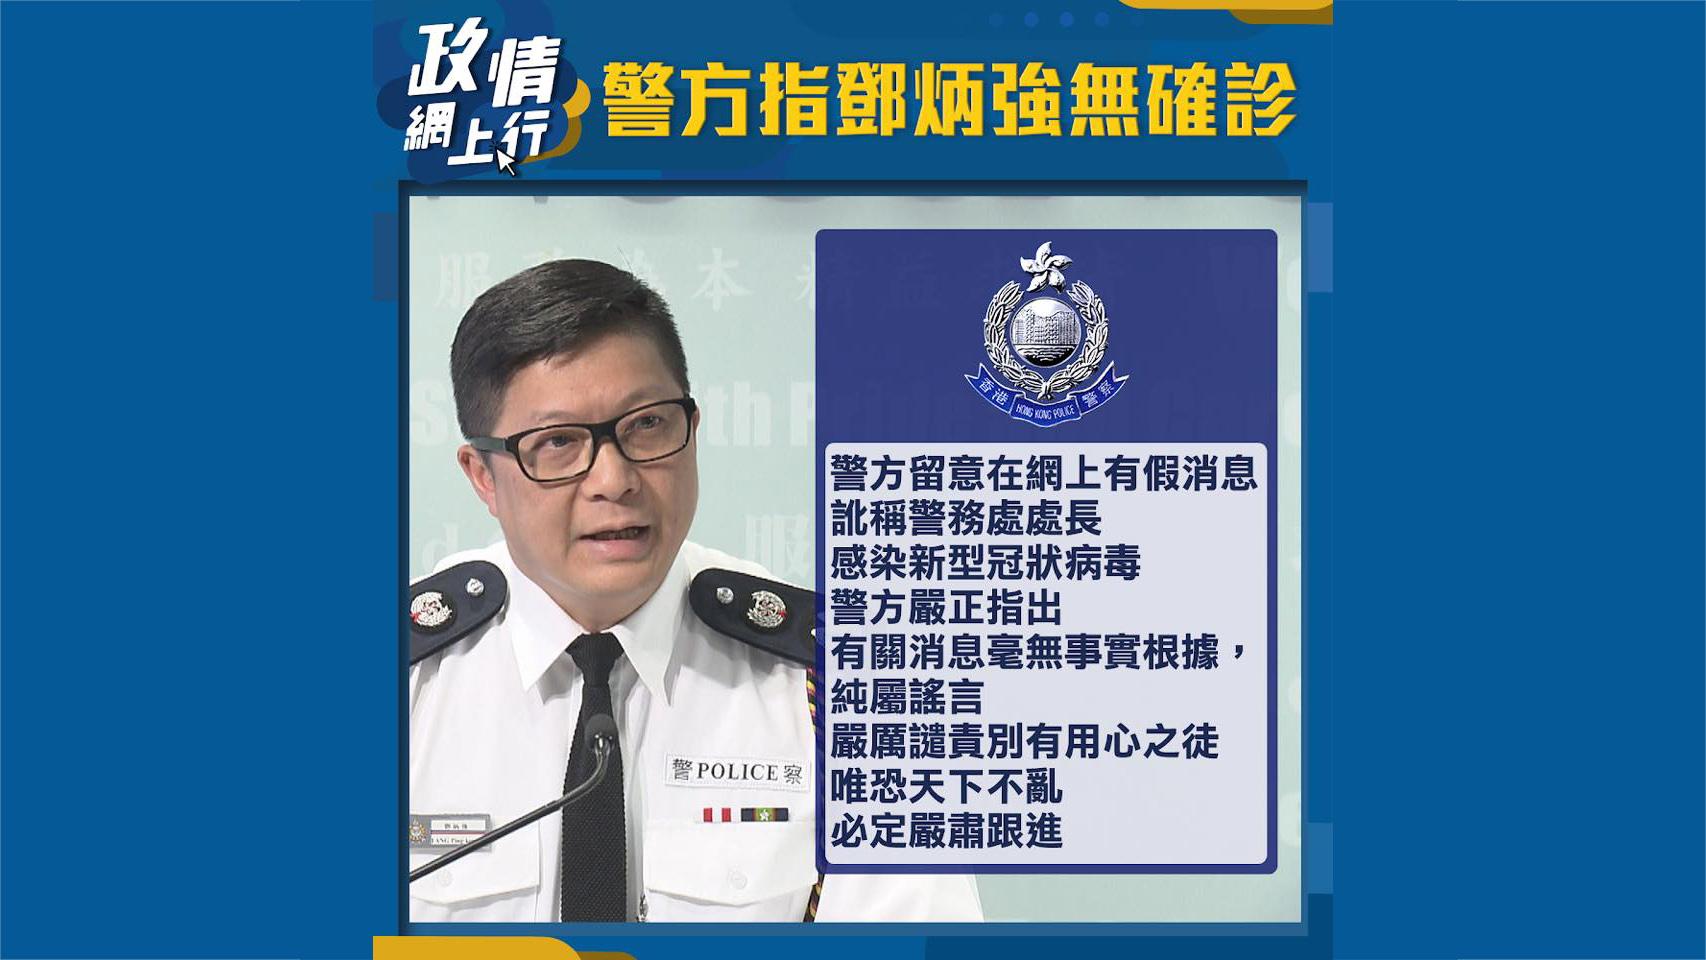 【政情網上行】警方指鄧炳強無確診